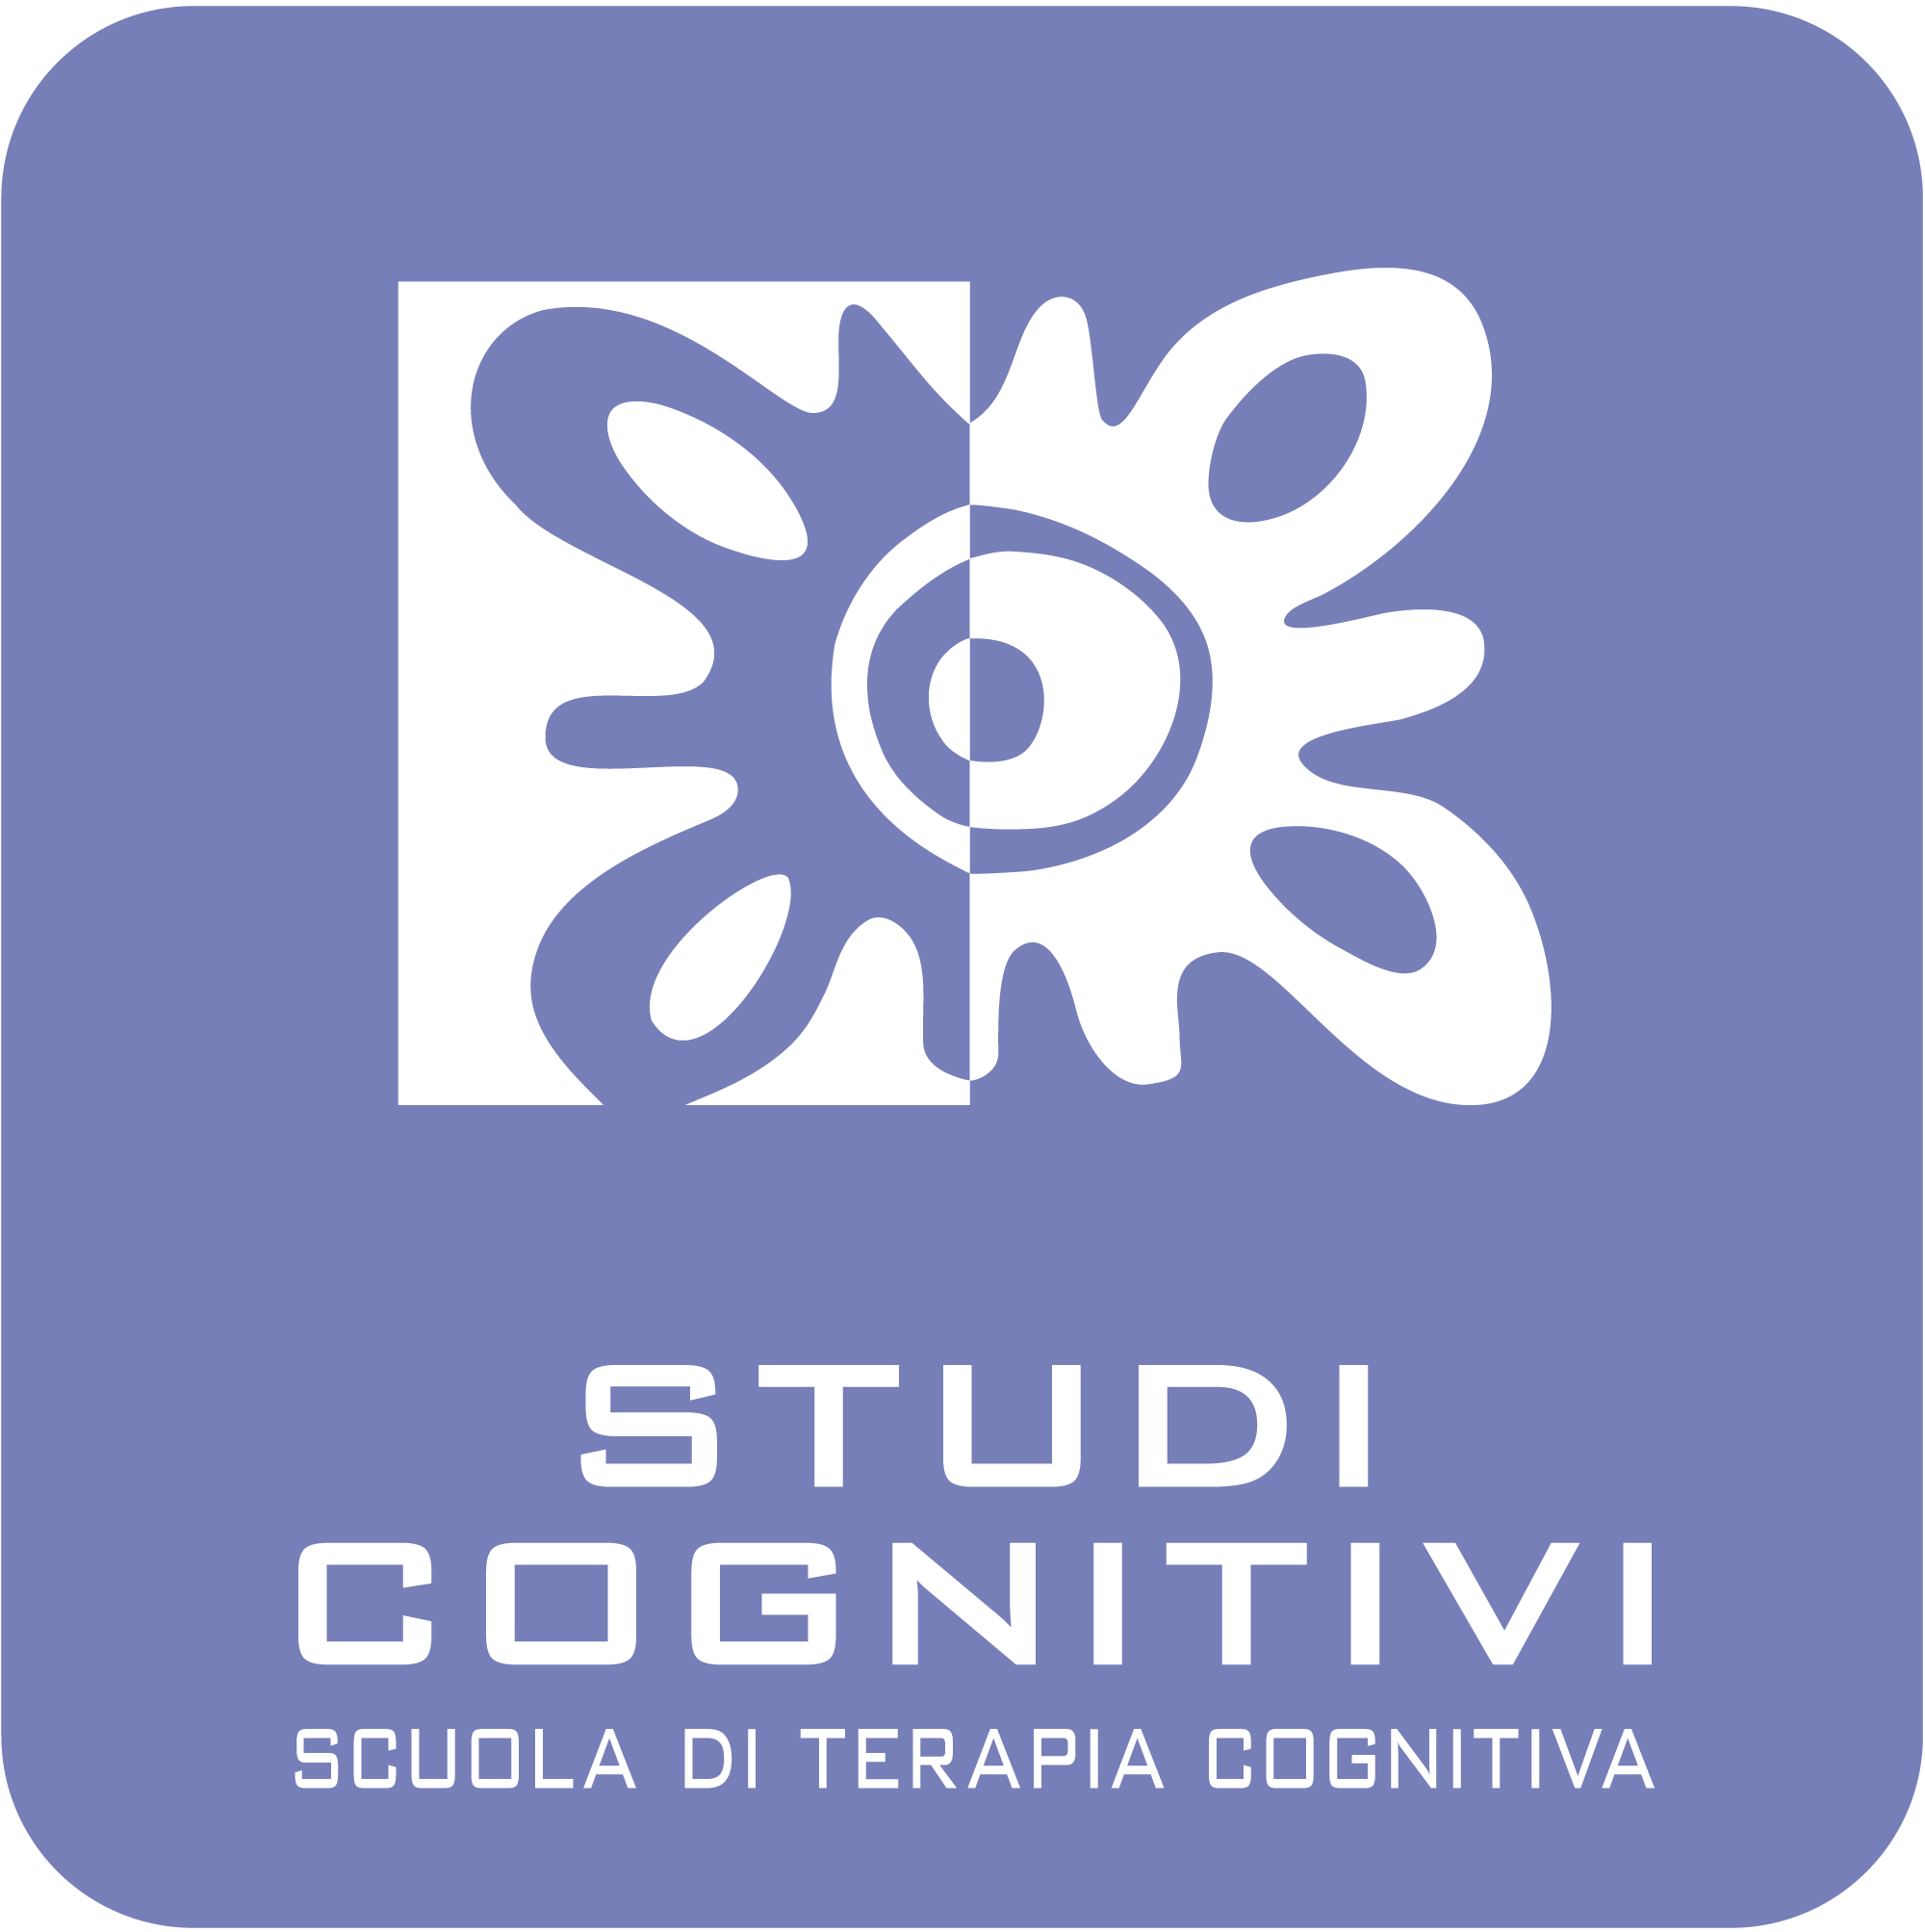 Scuola di Specializzazione in Psicoterapia Cognitiva e Cognitivo-Comportamentale - Studi Cognitivi Milano - LOGO box